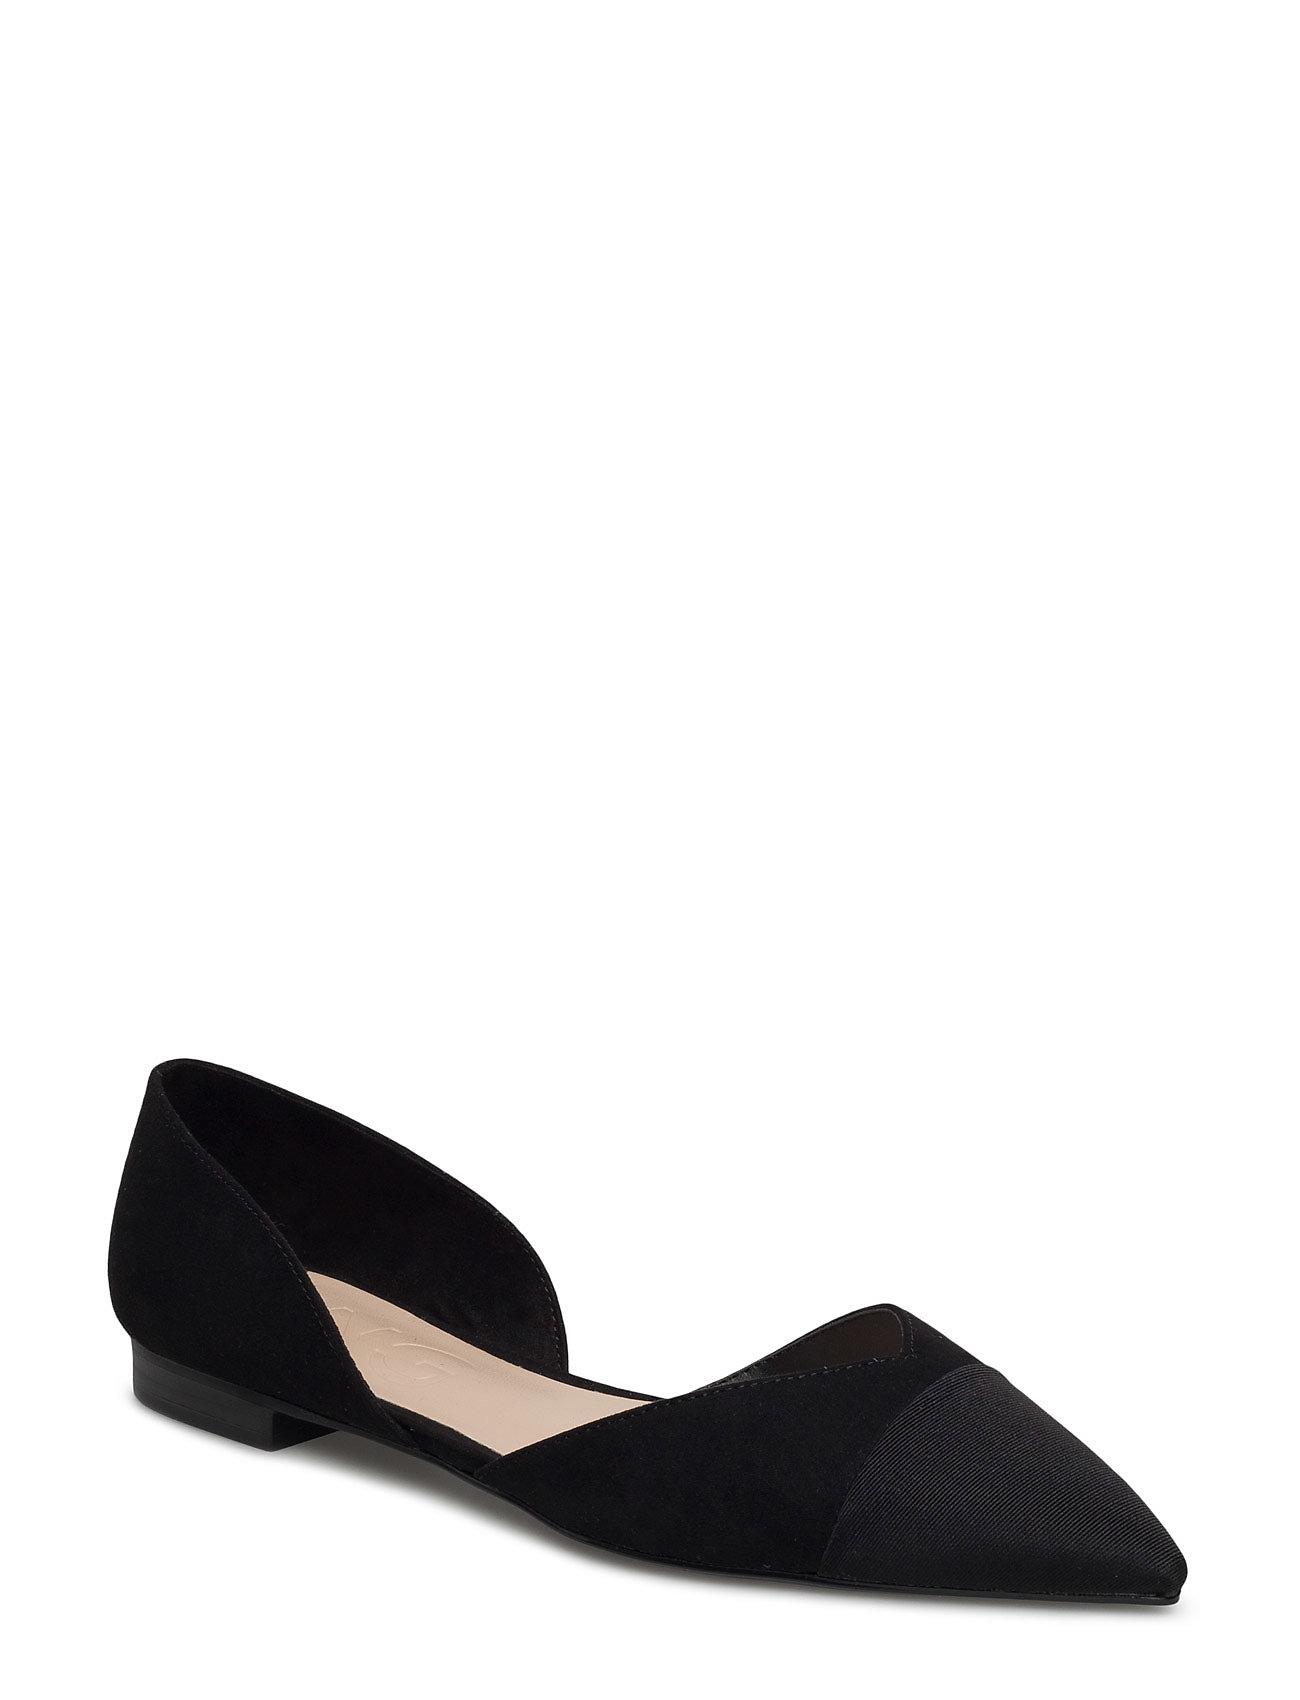 Pointed Toe Flat Shoes Mango Sko til Kvinder i Sort